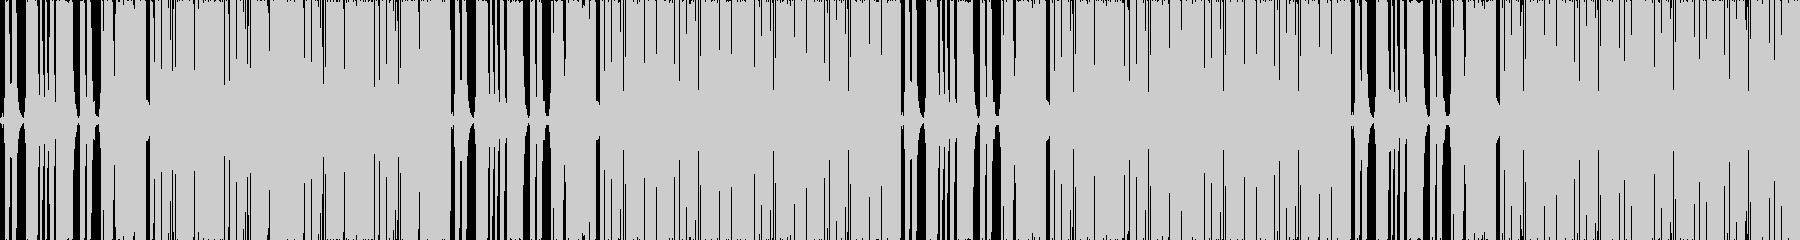 【ダンスポップ/アップテンポ/軽快】の未再生の波形